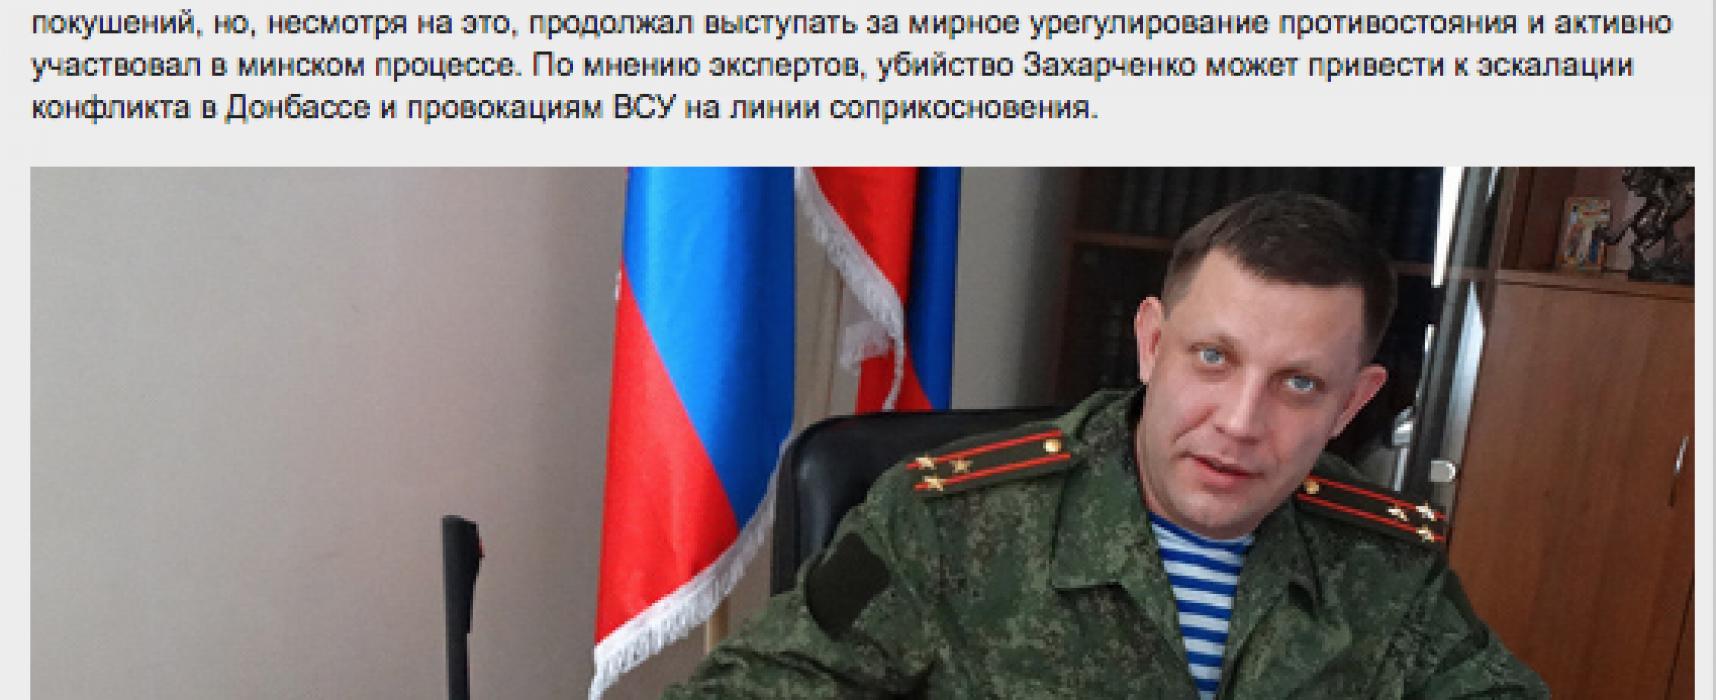 """Смерть Захарченко в российских СМИ: """"Украина решила перейти к кровавой бойне"""""""